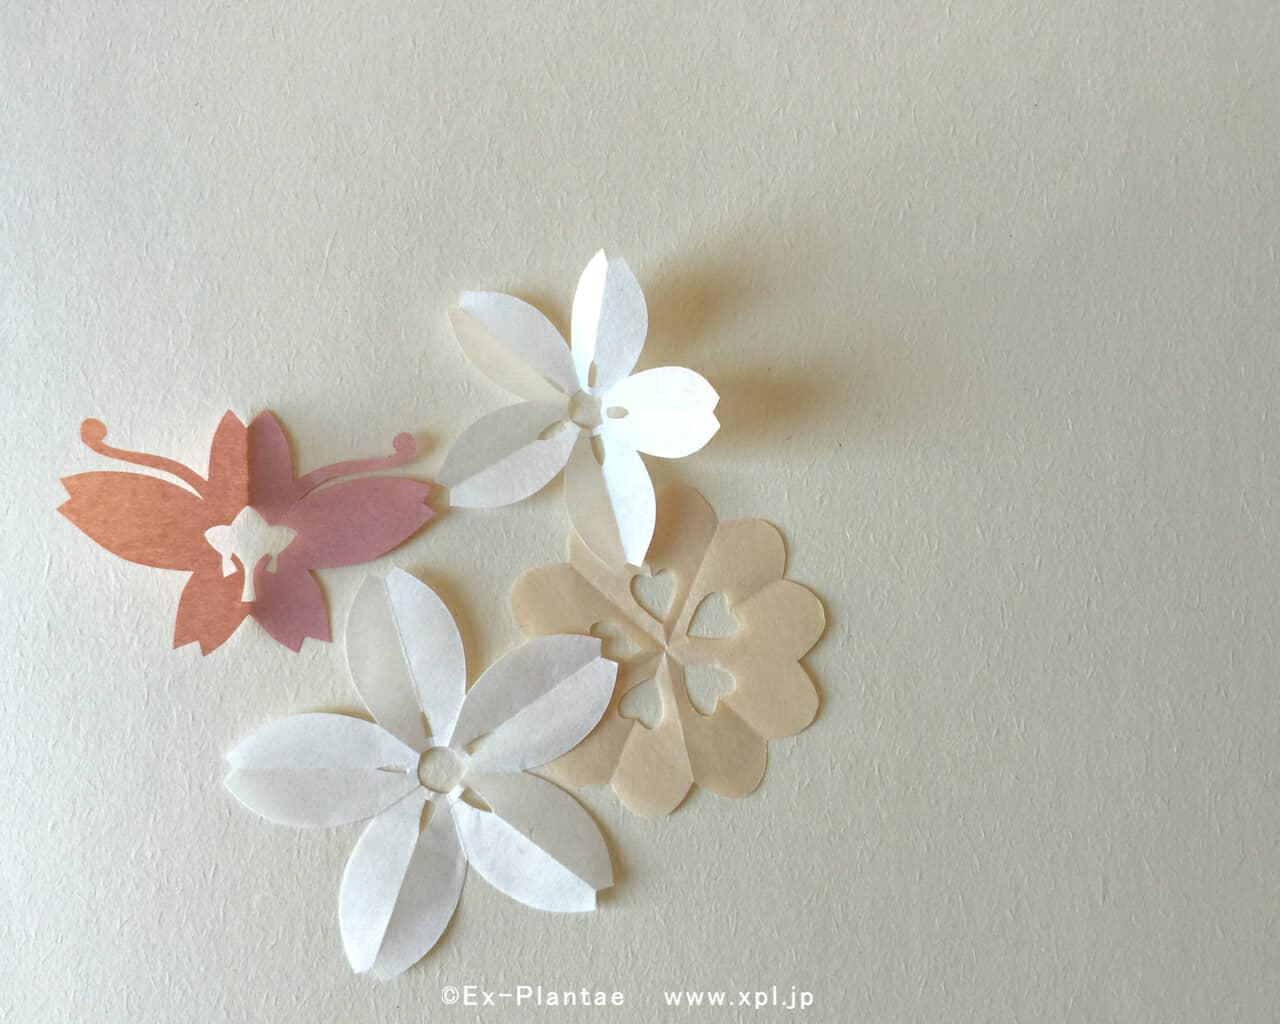 もんきりで春を呼ぶ 季節をたのしむもんきり壁紙 花を待つ